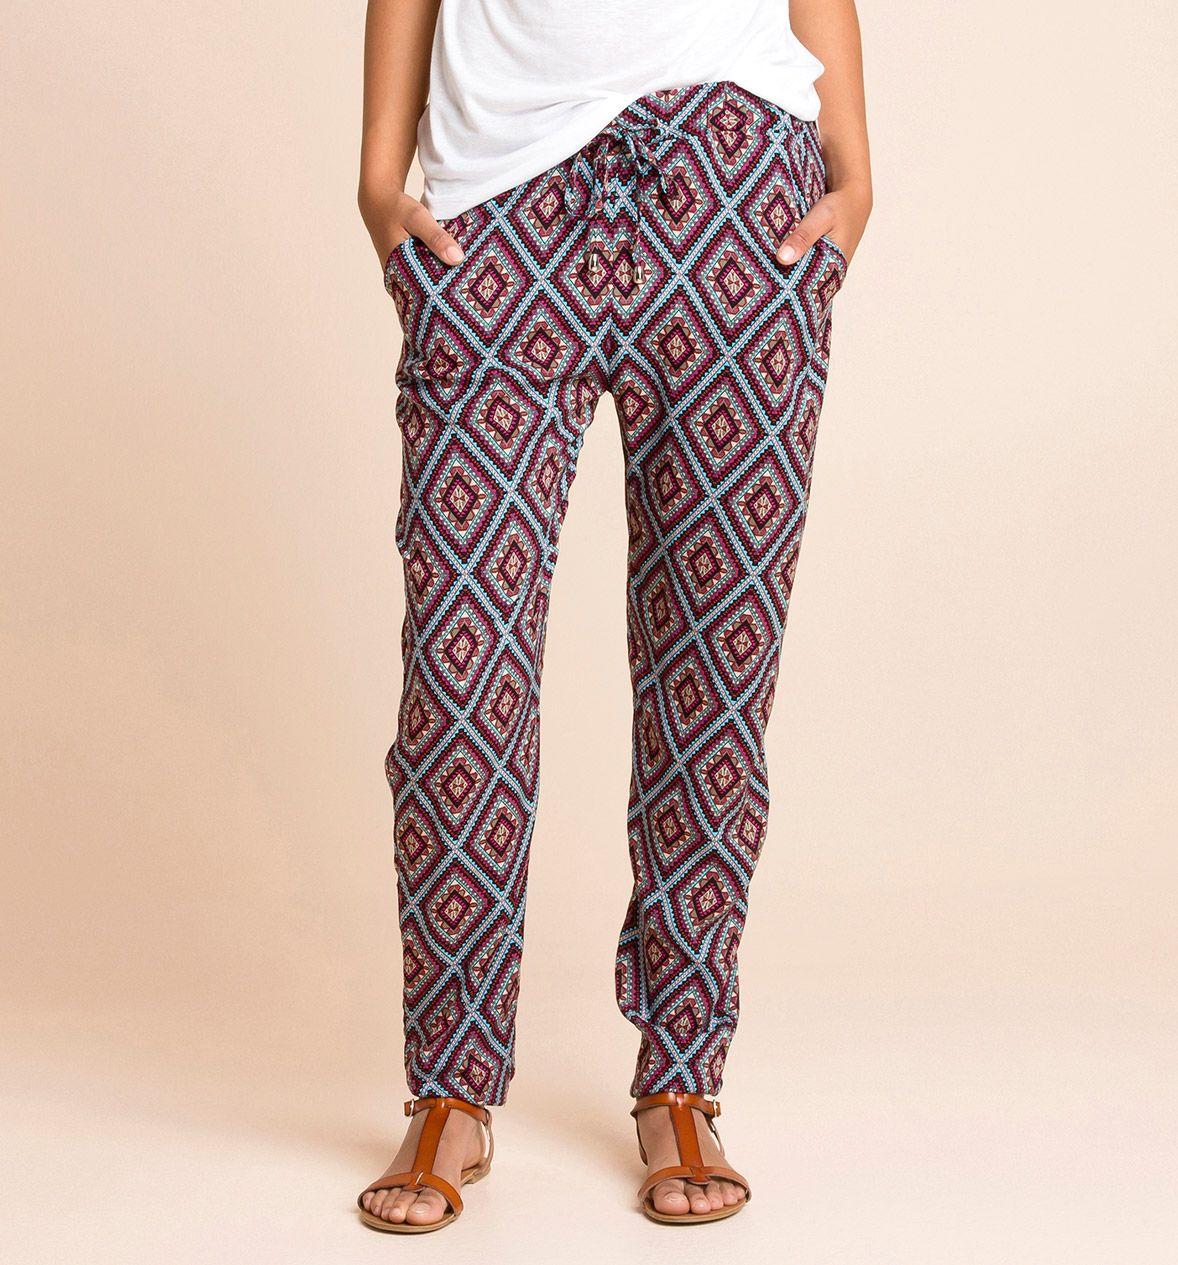 Pantalones con estampado étnico